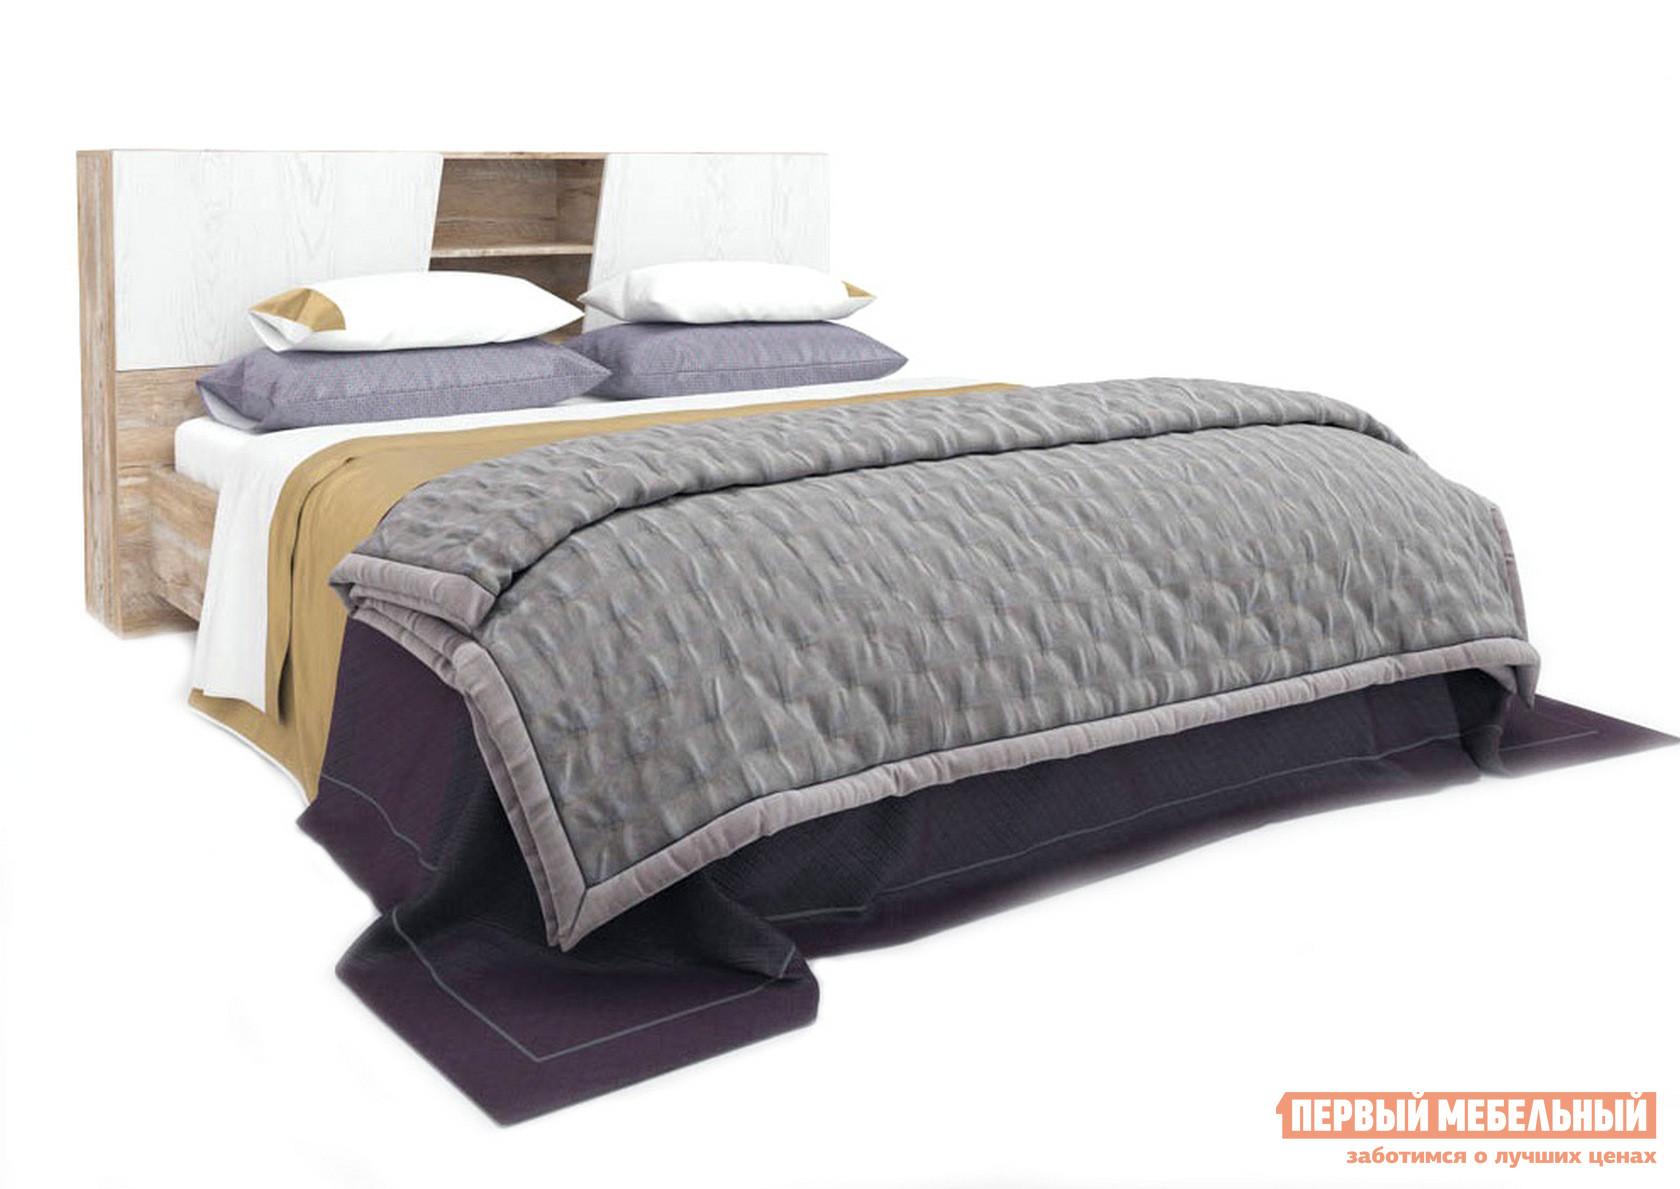 Двуспальная кровать ТД Арника Кровать 1600 Лайт КМК 0551.11